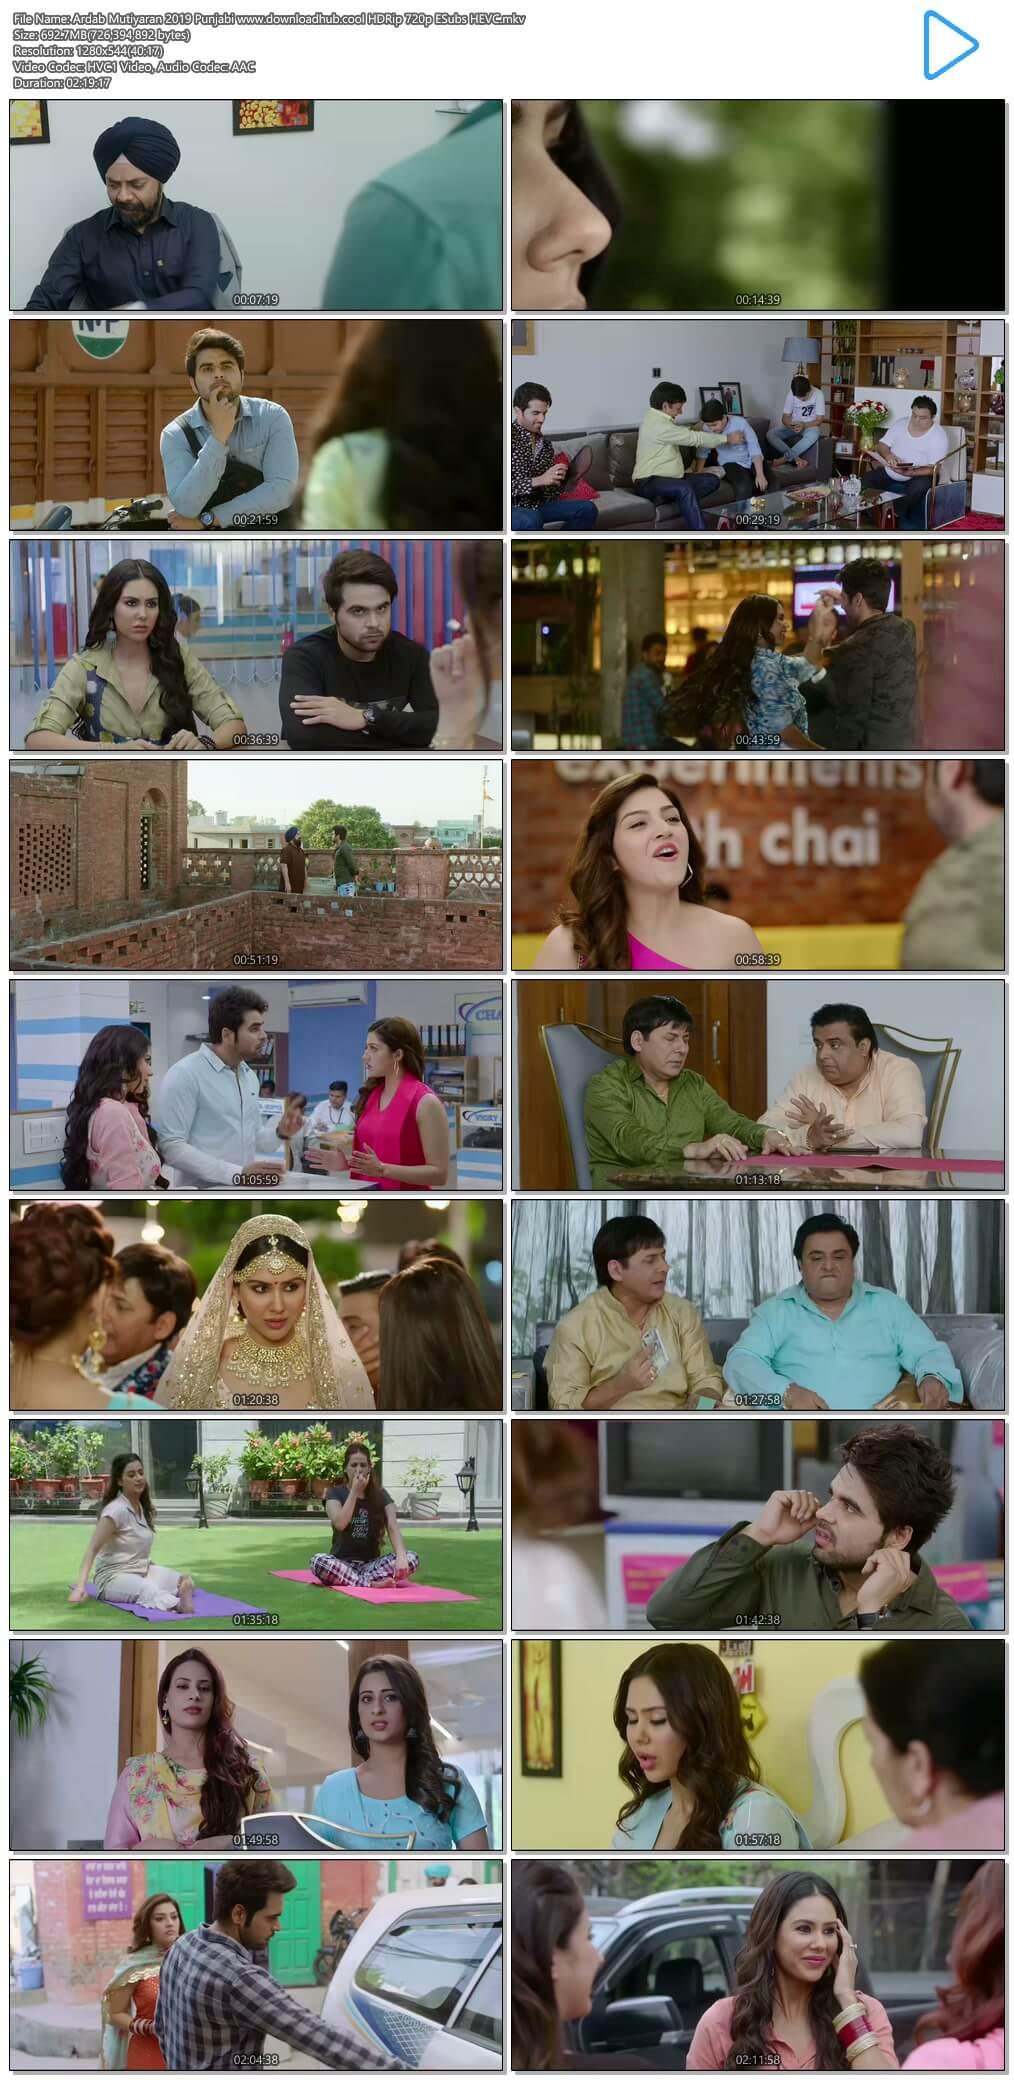 Ardab Mutiyaran 2019 Punjabi 700MB HDRip 720p ESubs HEVC